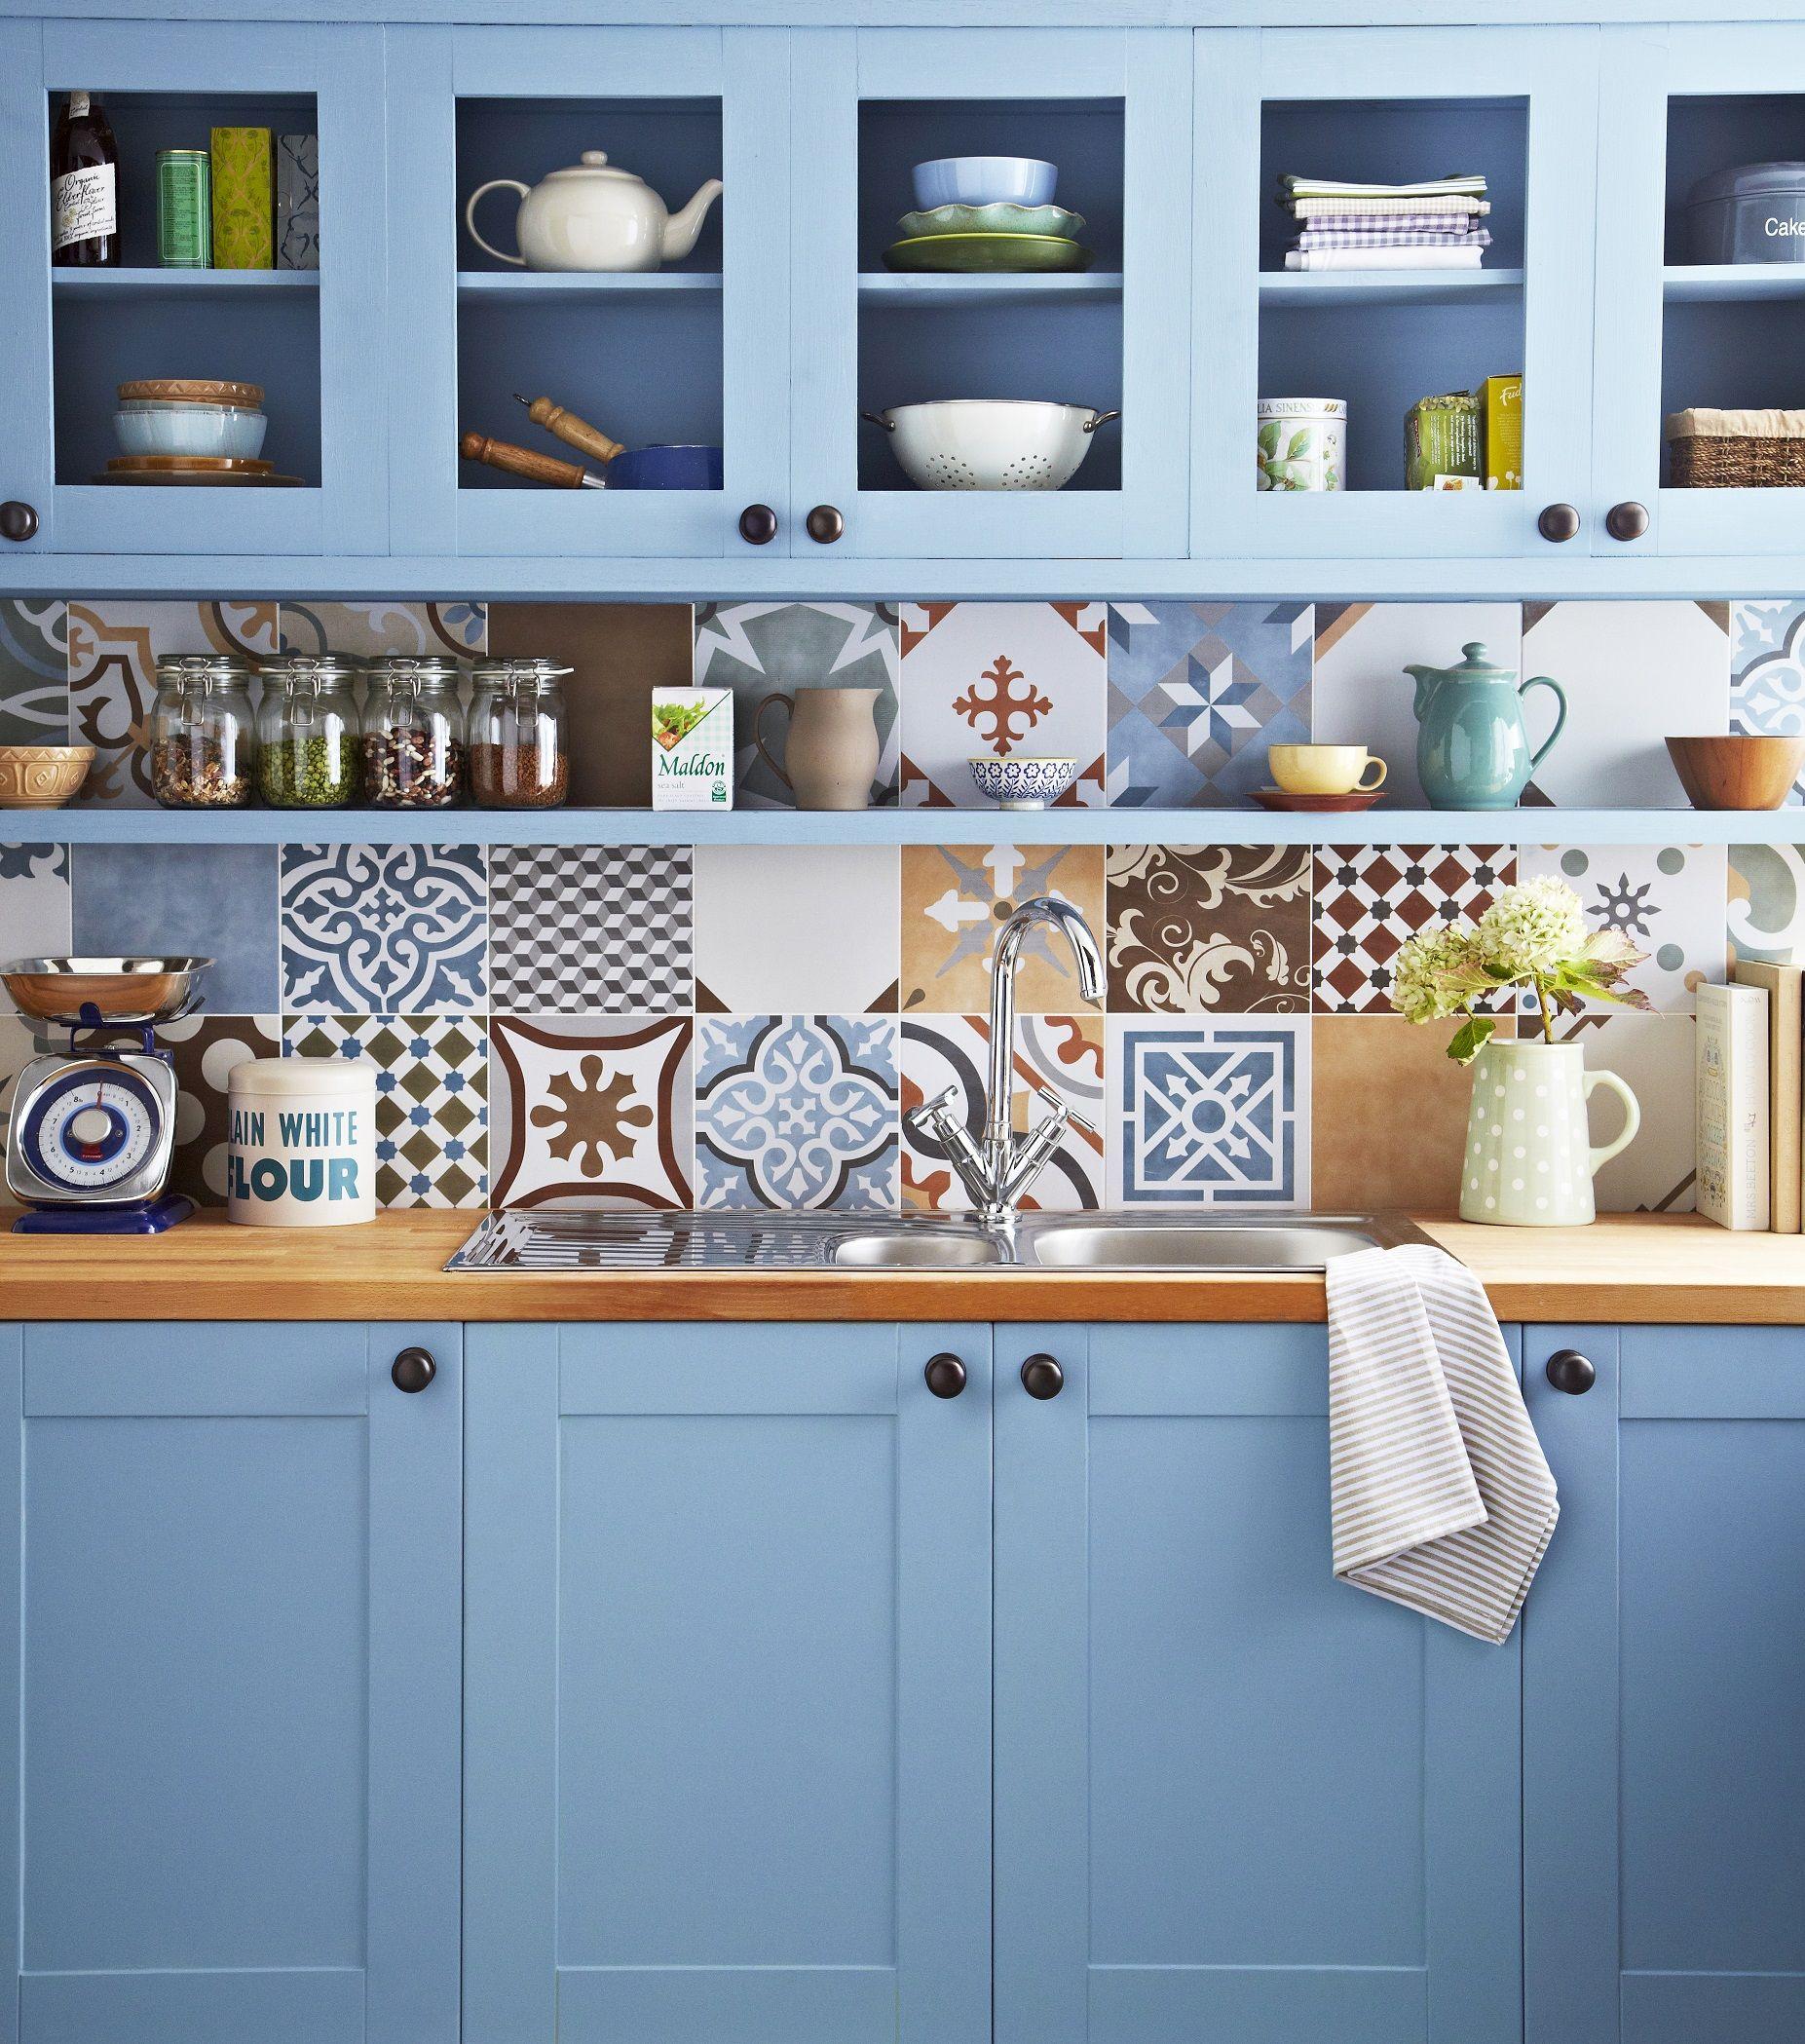 stamford einrichtung pinterest k che einrichtung und deko. Black Bedroom Furniture Sets. Home Design Ideas